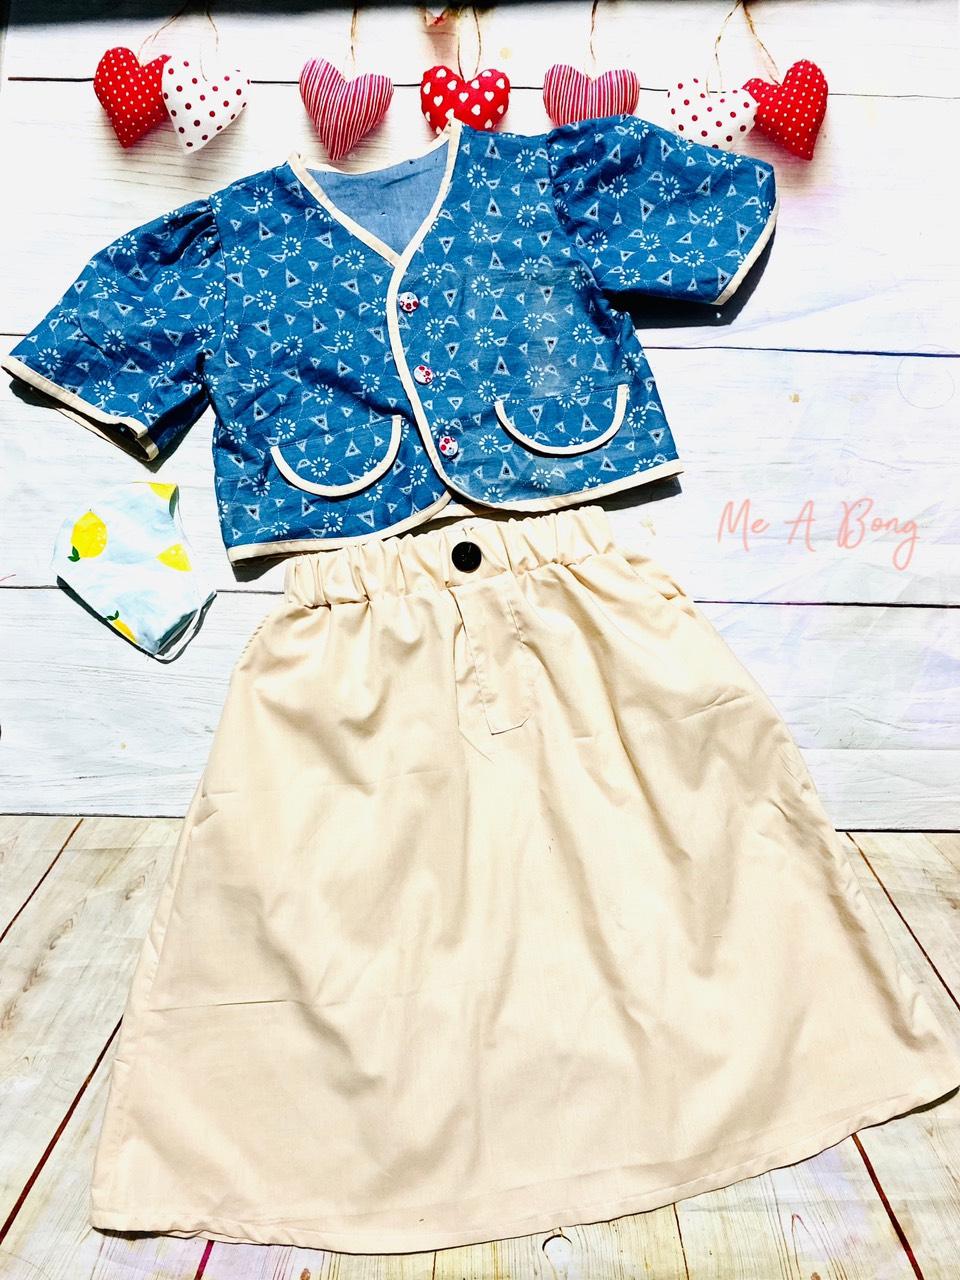 30100 - Sơmi lửng + Chân váy có túi - size nhỏ / An Coong